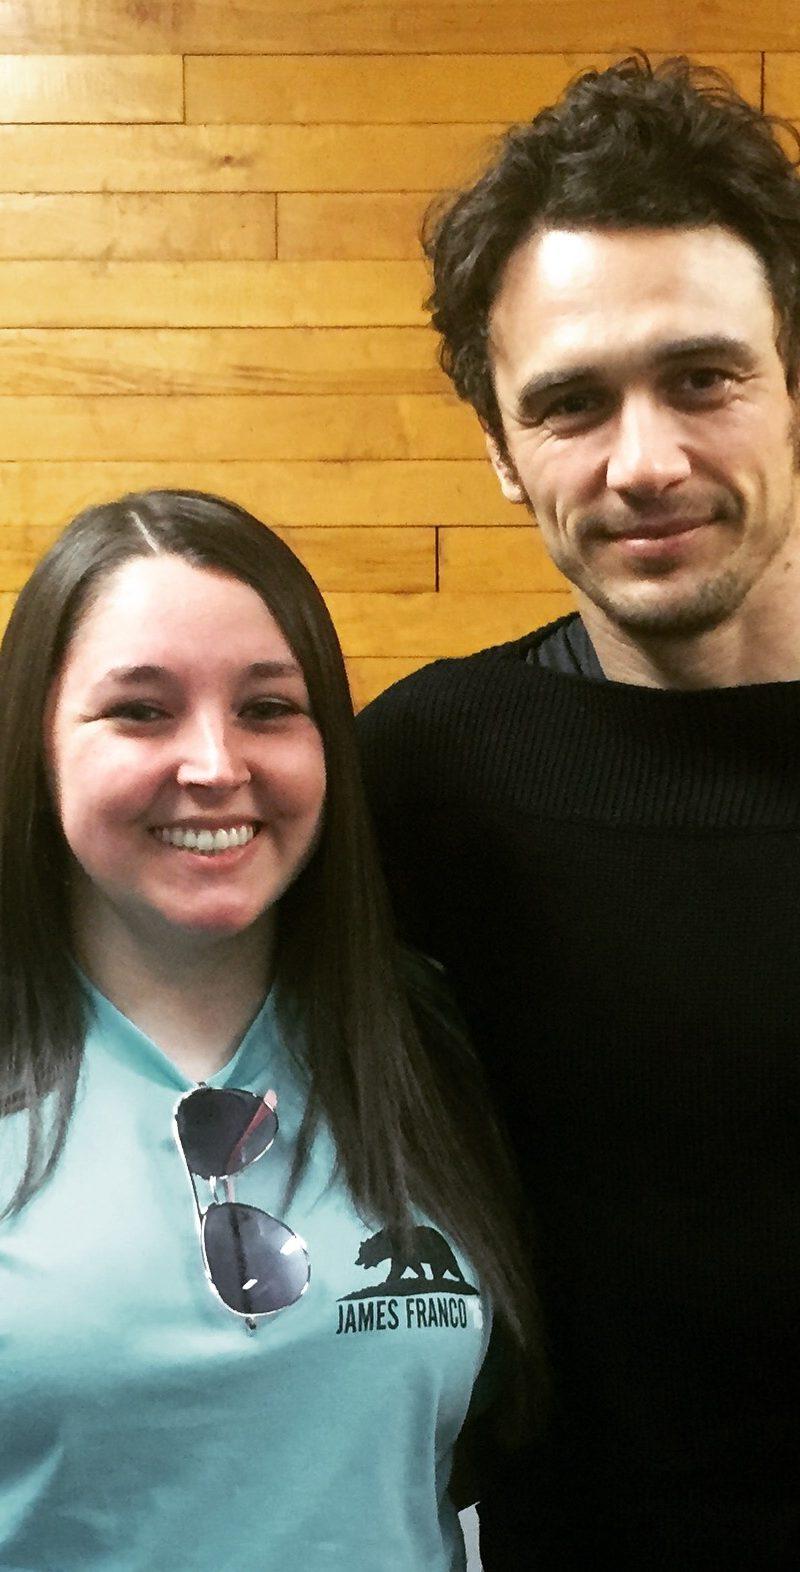 I met James Franco!